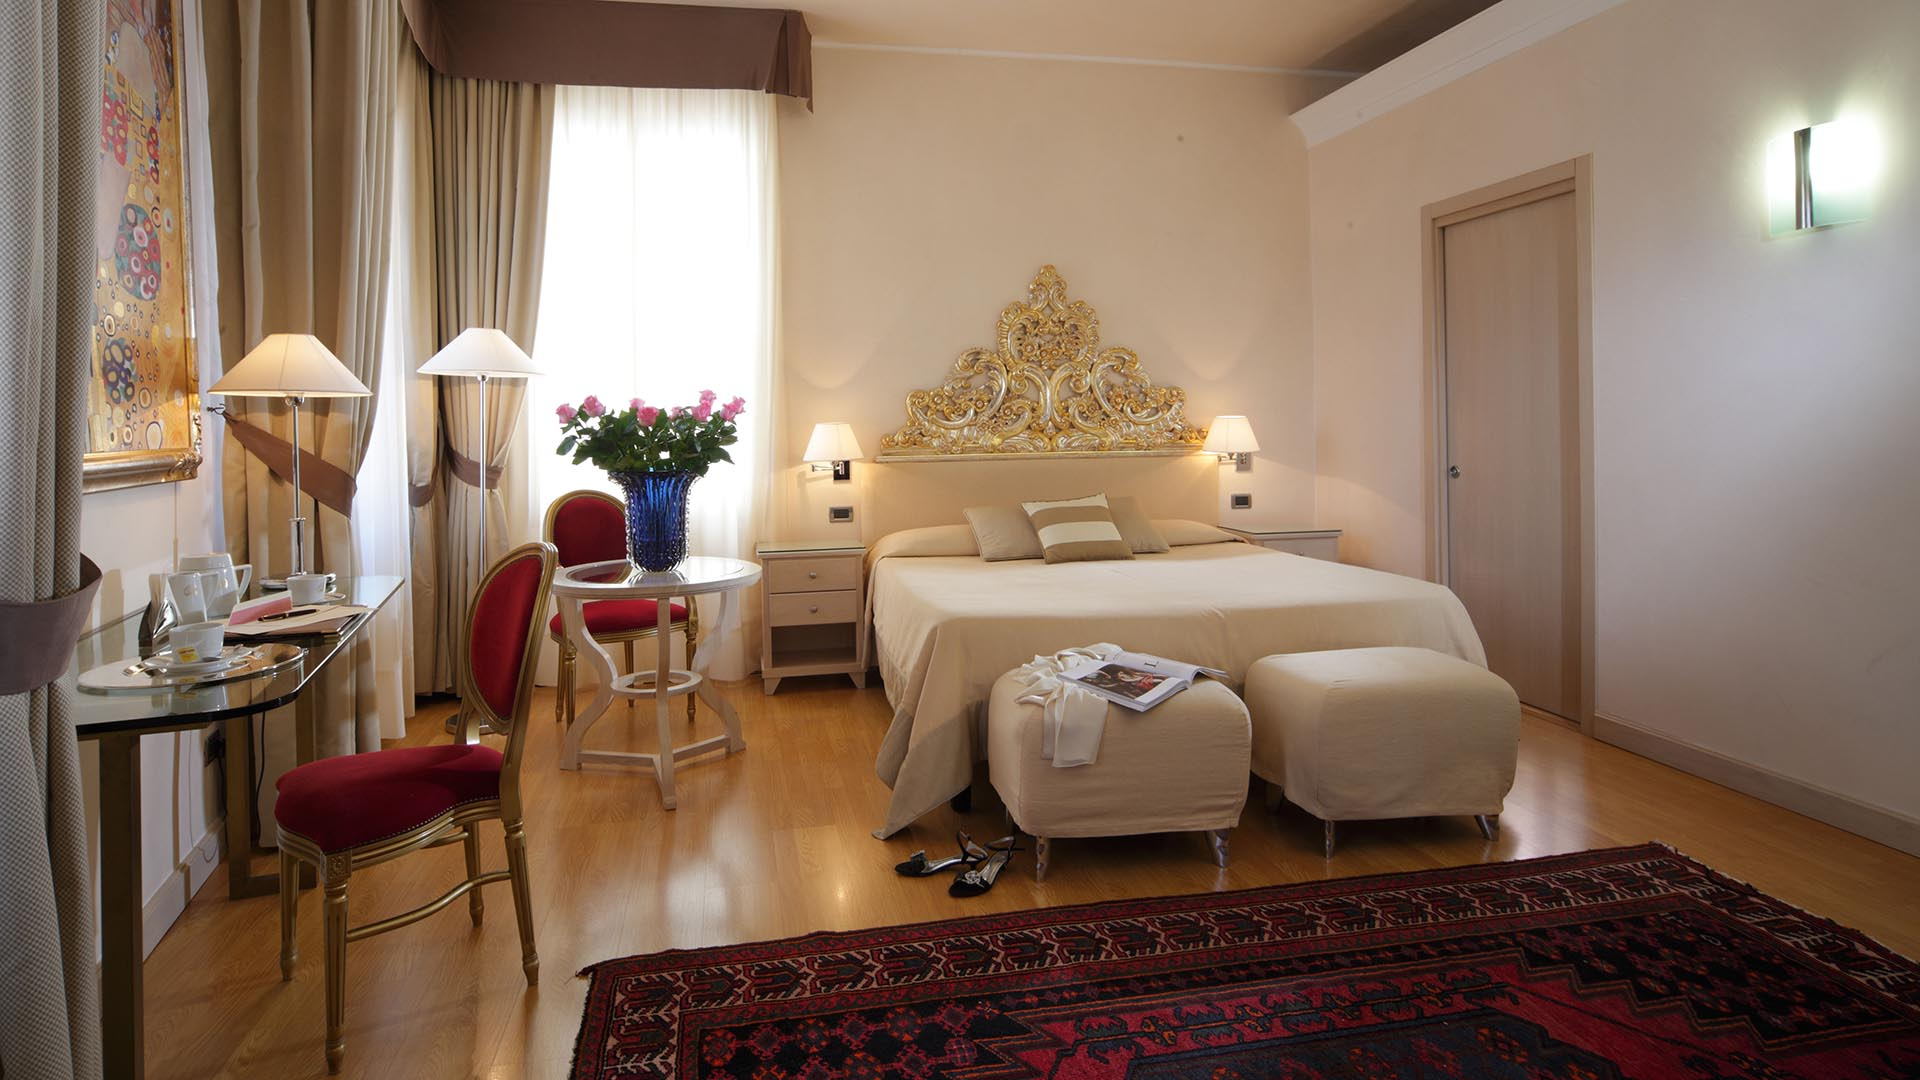 Hotel venezia centro storico 4 stelle for Amsterdam hotel centro 4 stelle